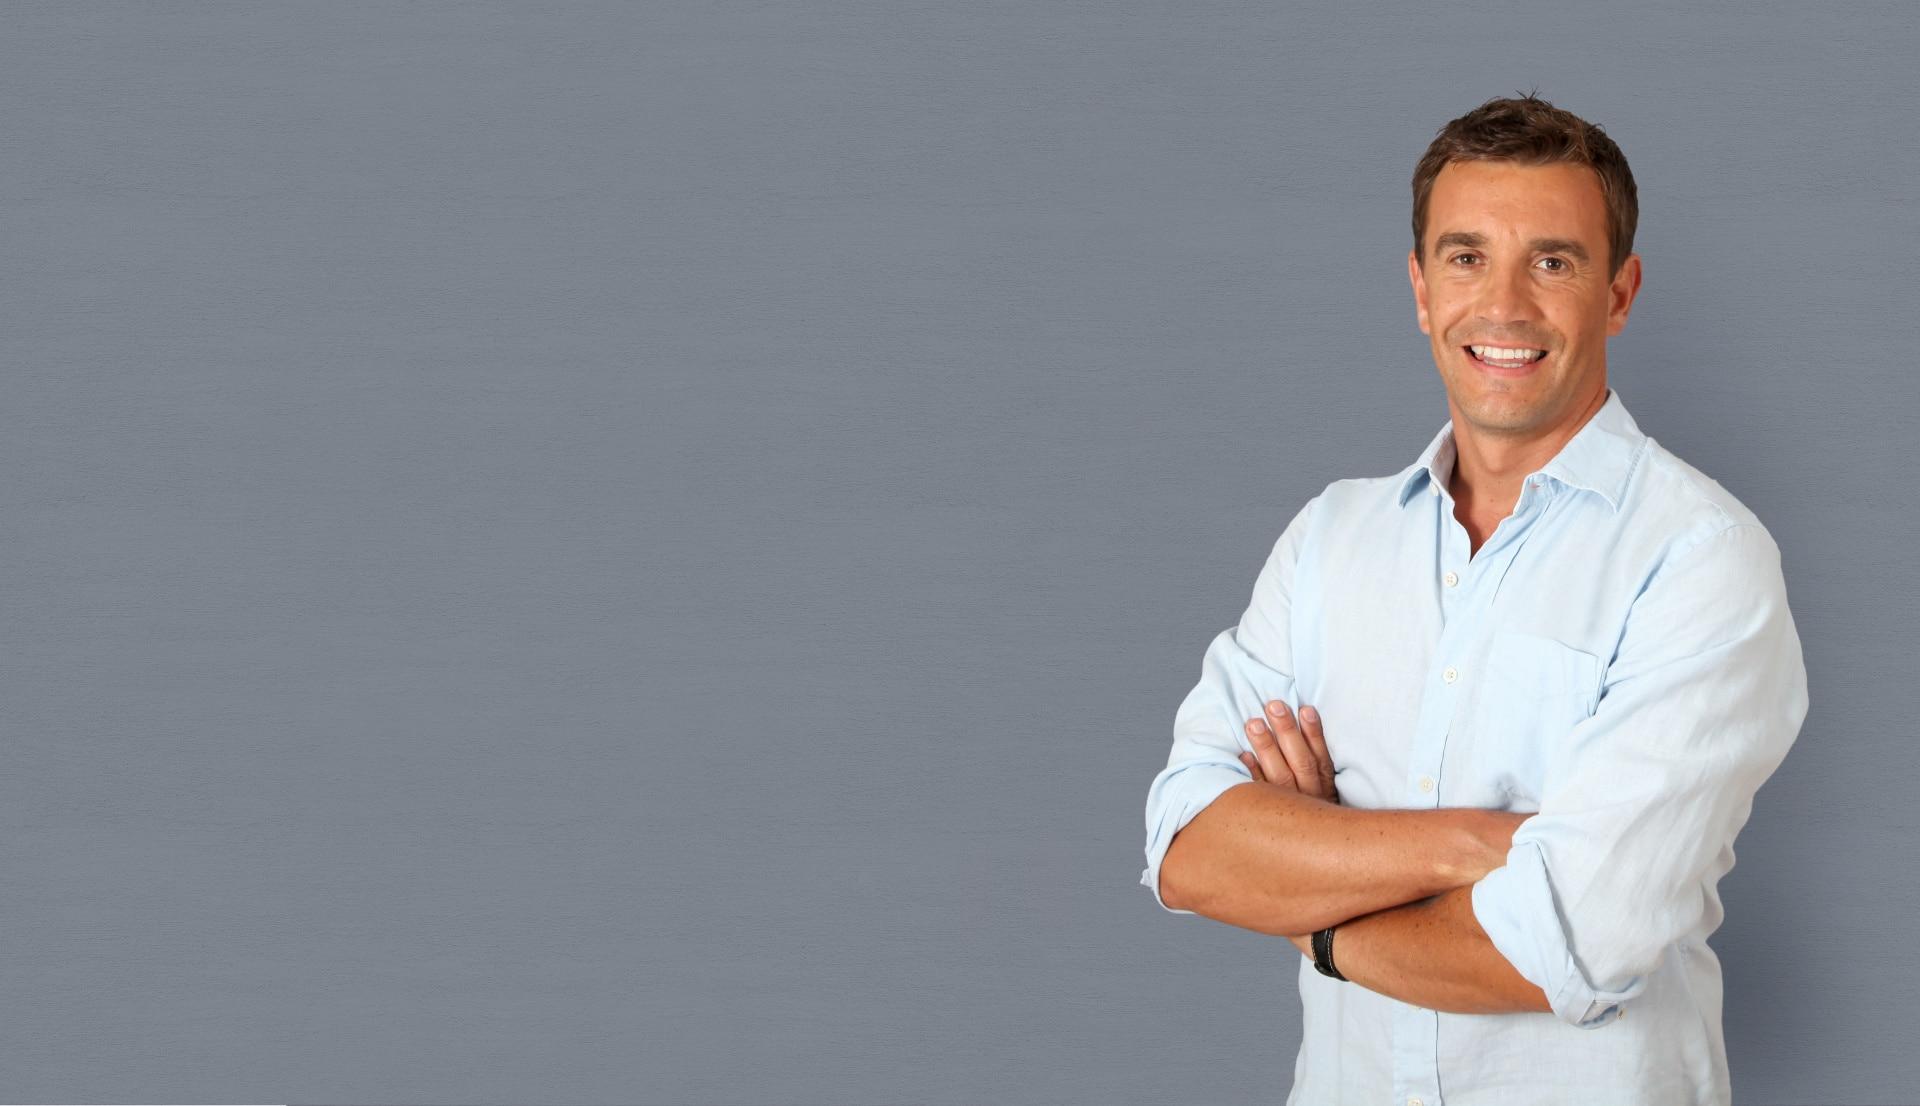 Découvrez en détails la Convention de Pension Indépendants (CPI) et ses différents avantages.